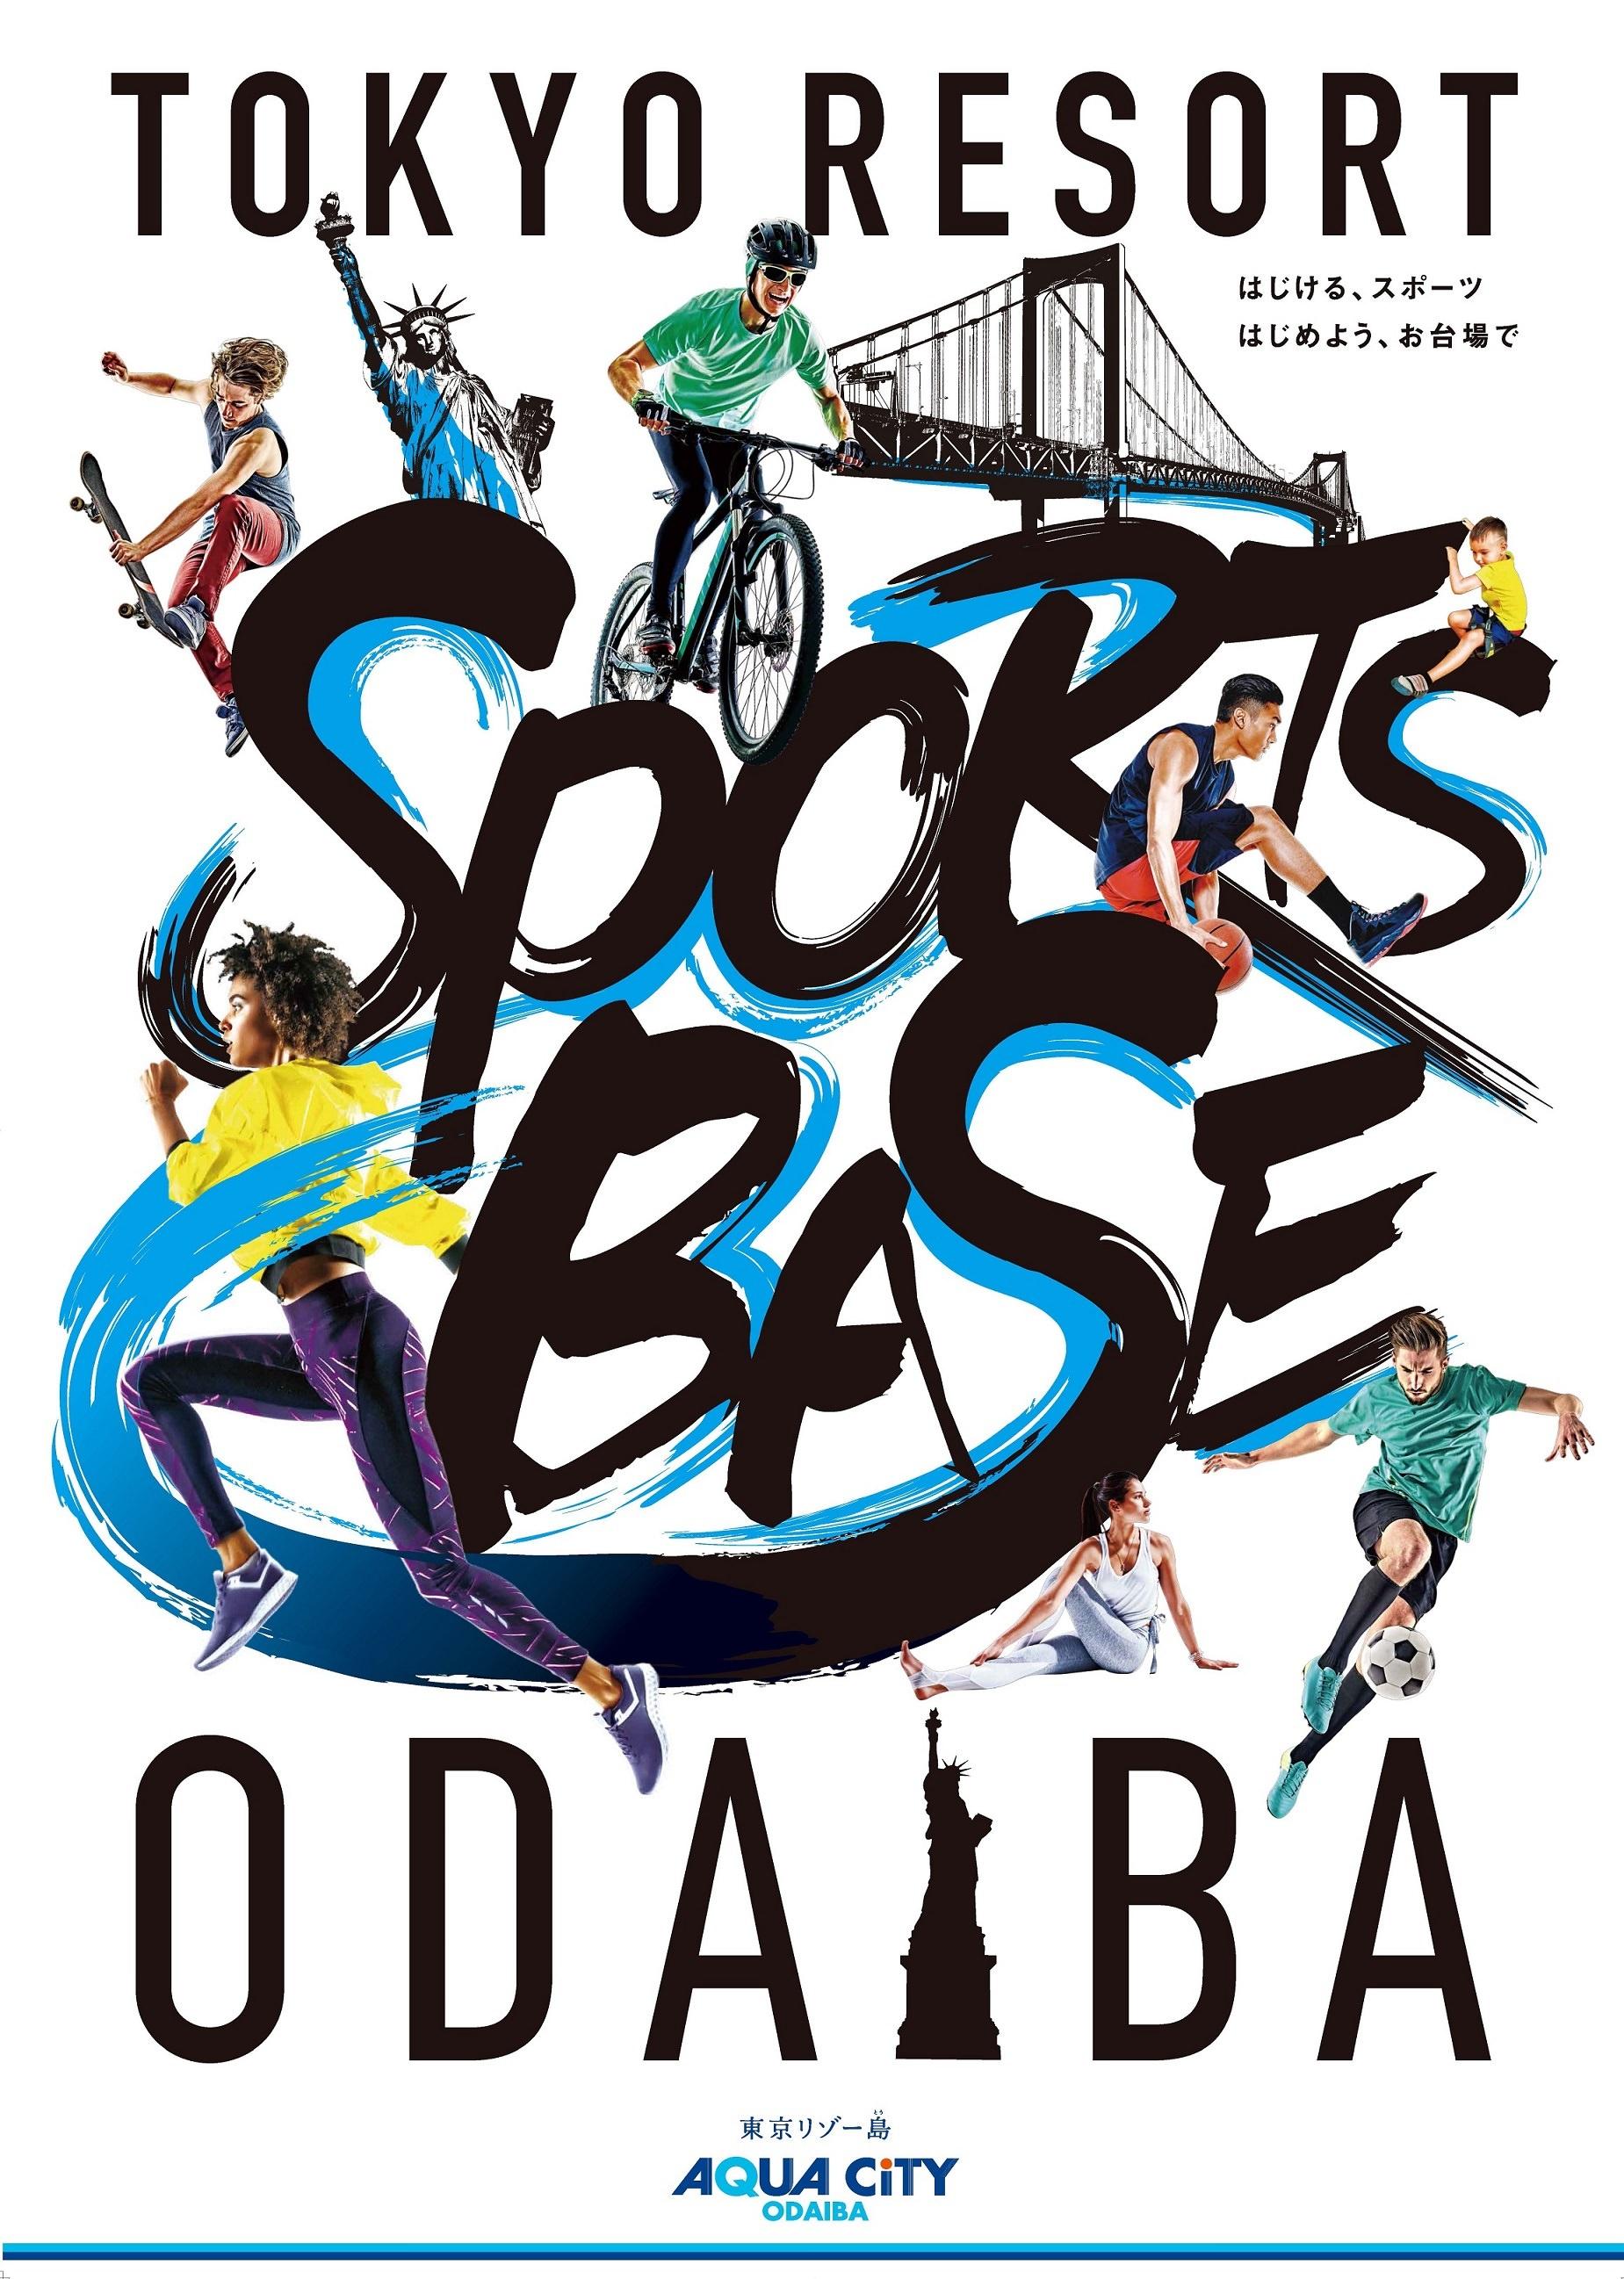 【アクアシティお台場】 スポーツ×音楽×ファッション スポーツを気軽に楽しもう! TOKYO RESORT SPORTS BASE 2019春 2019年3月12日(火)~4月7日(日)